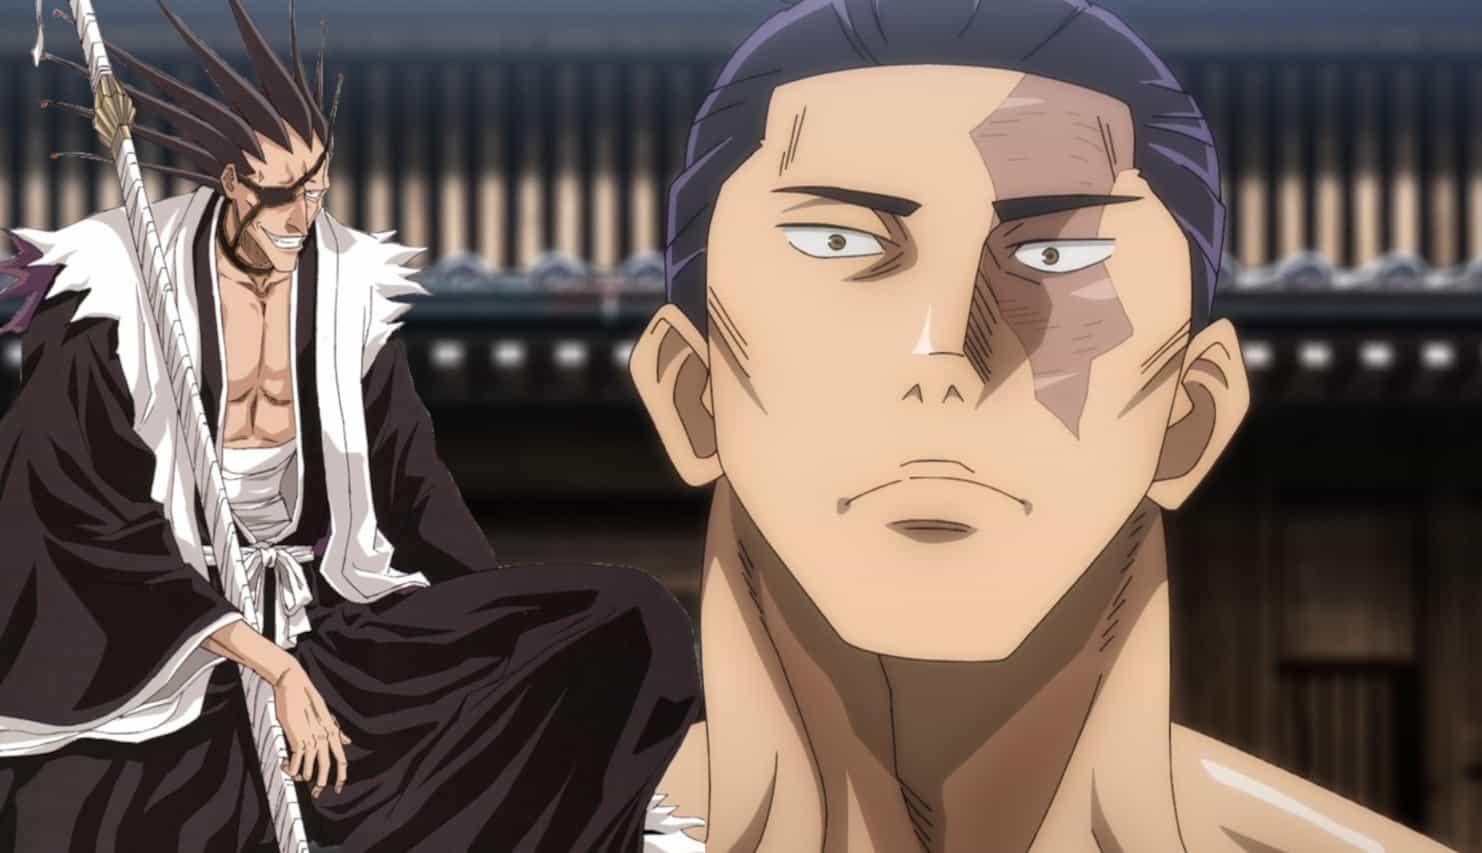 L'auteur de Jujutsu Kaisen a créé deux personnages inspirés par Bleach et Yu Yu Hakusho 3